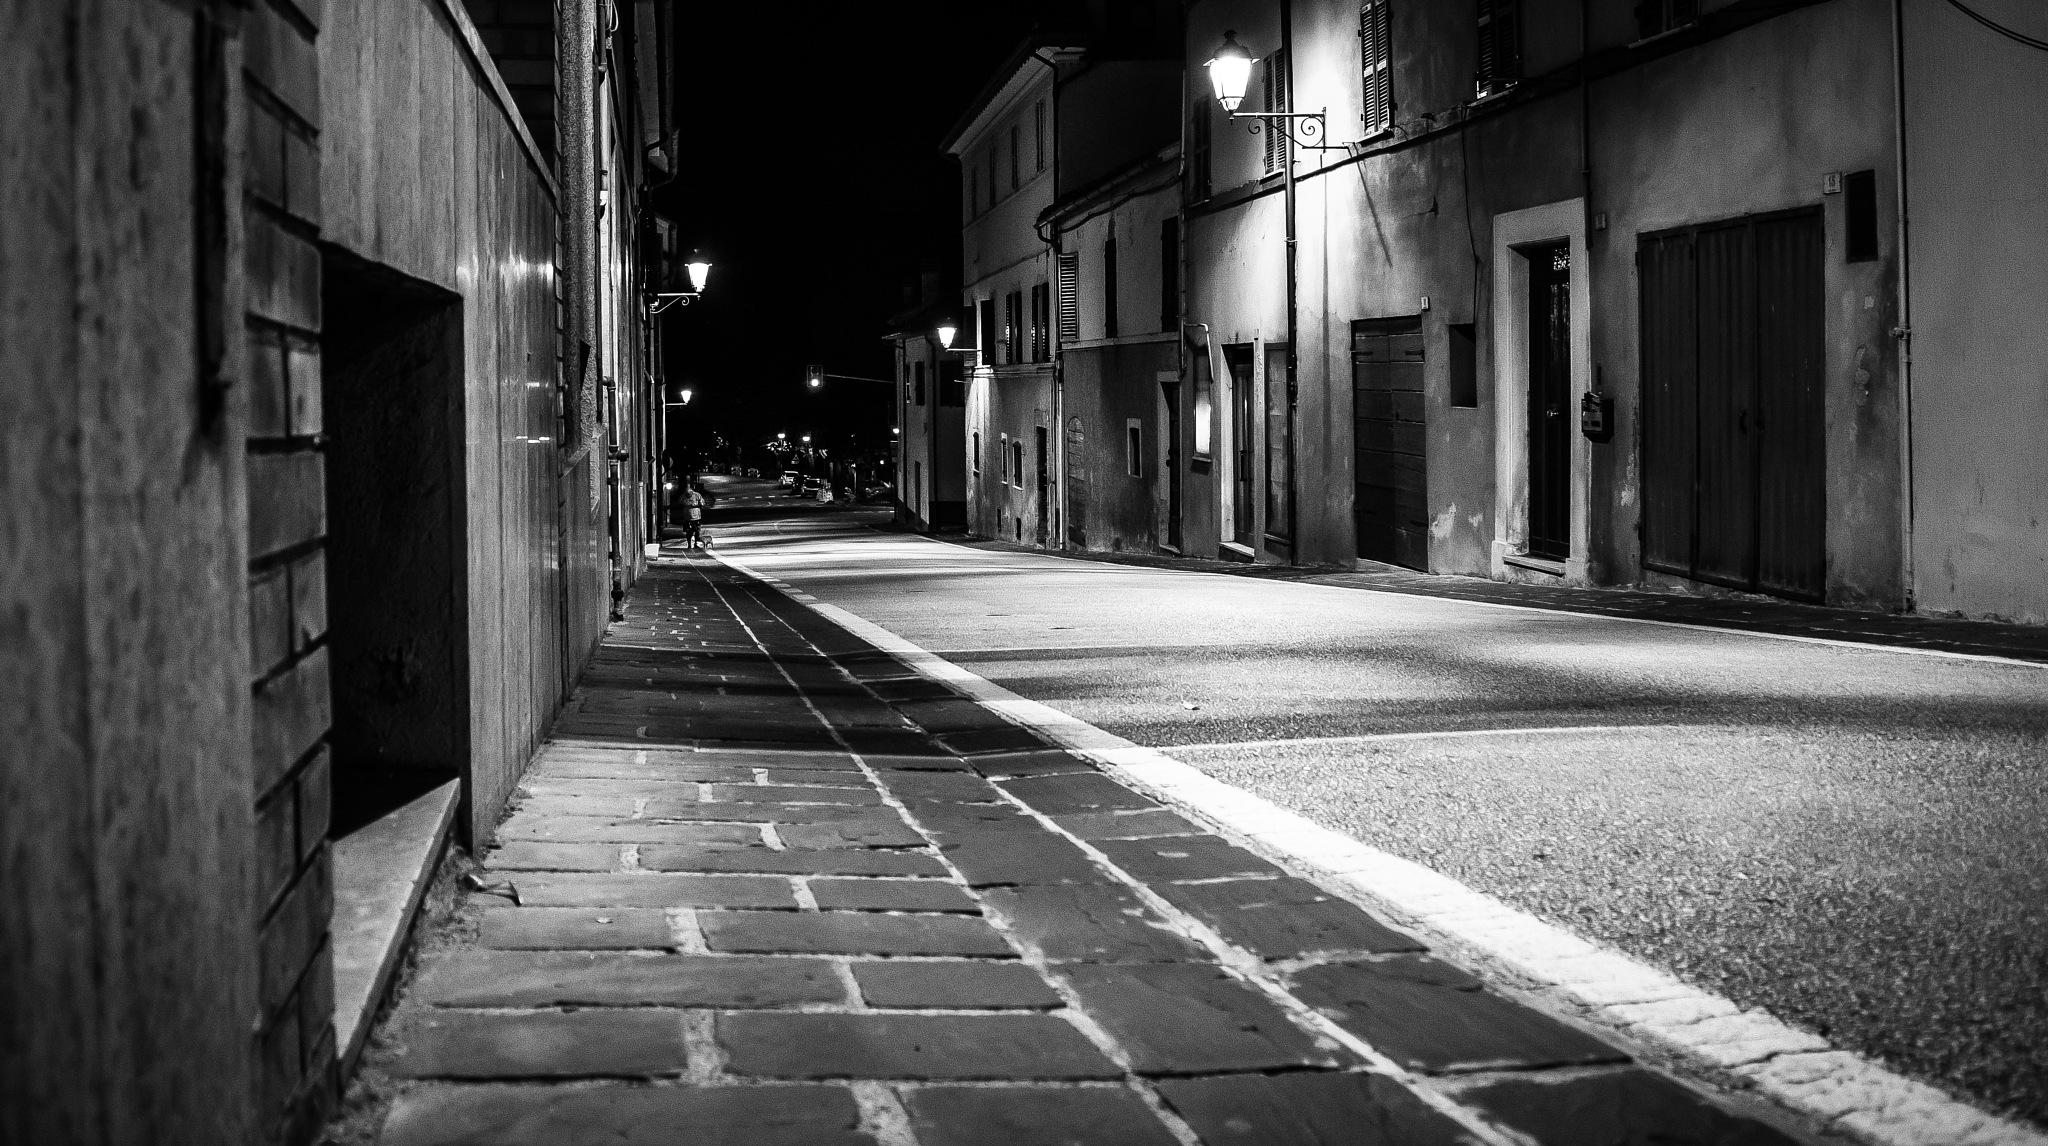 La hora de los fantasmas... by oscarruben_suarez